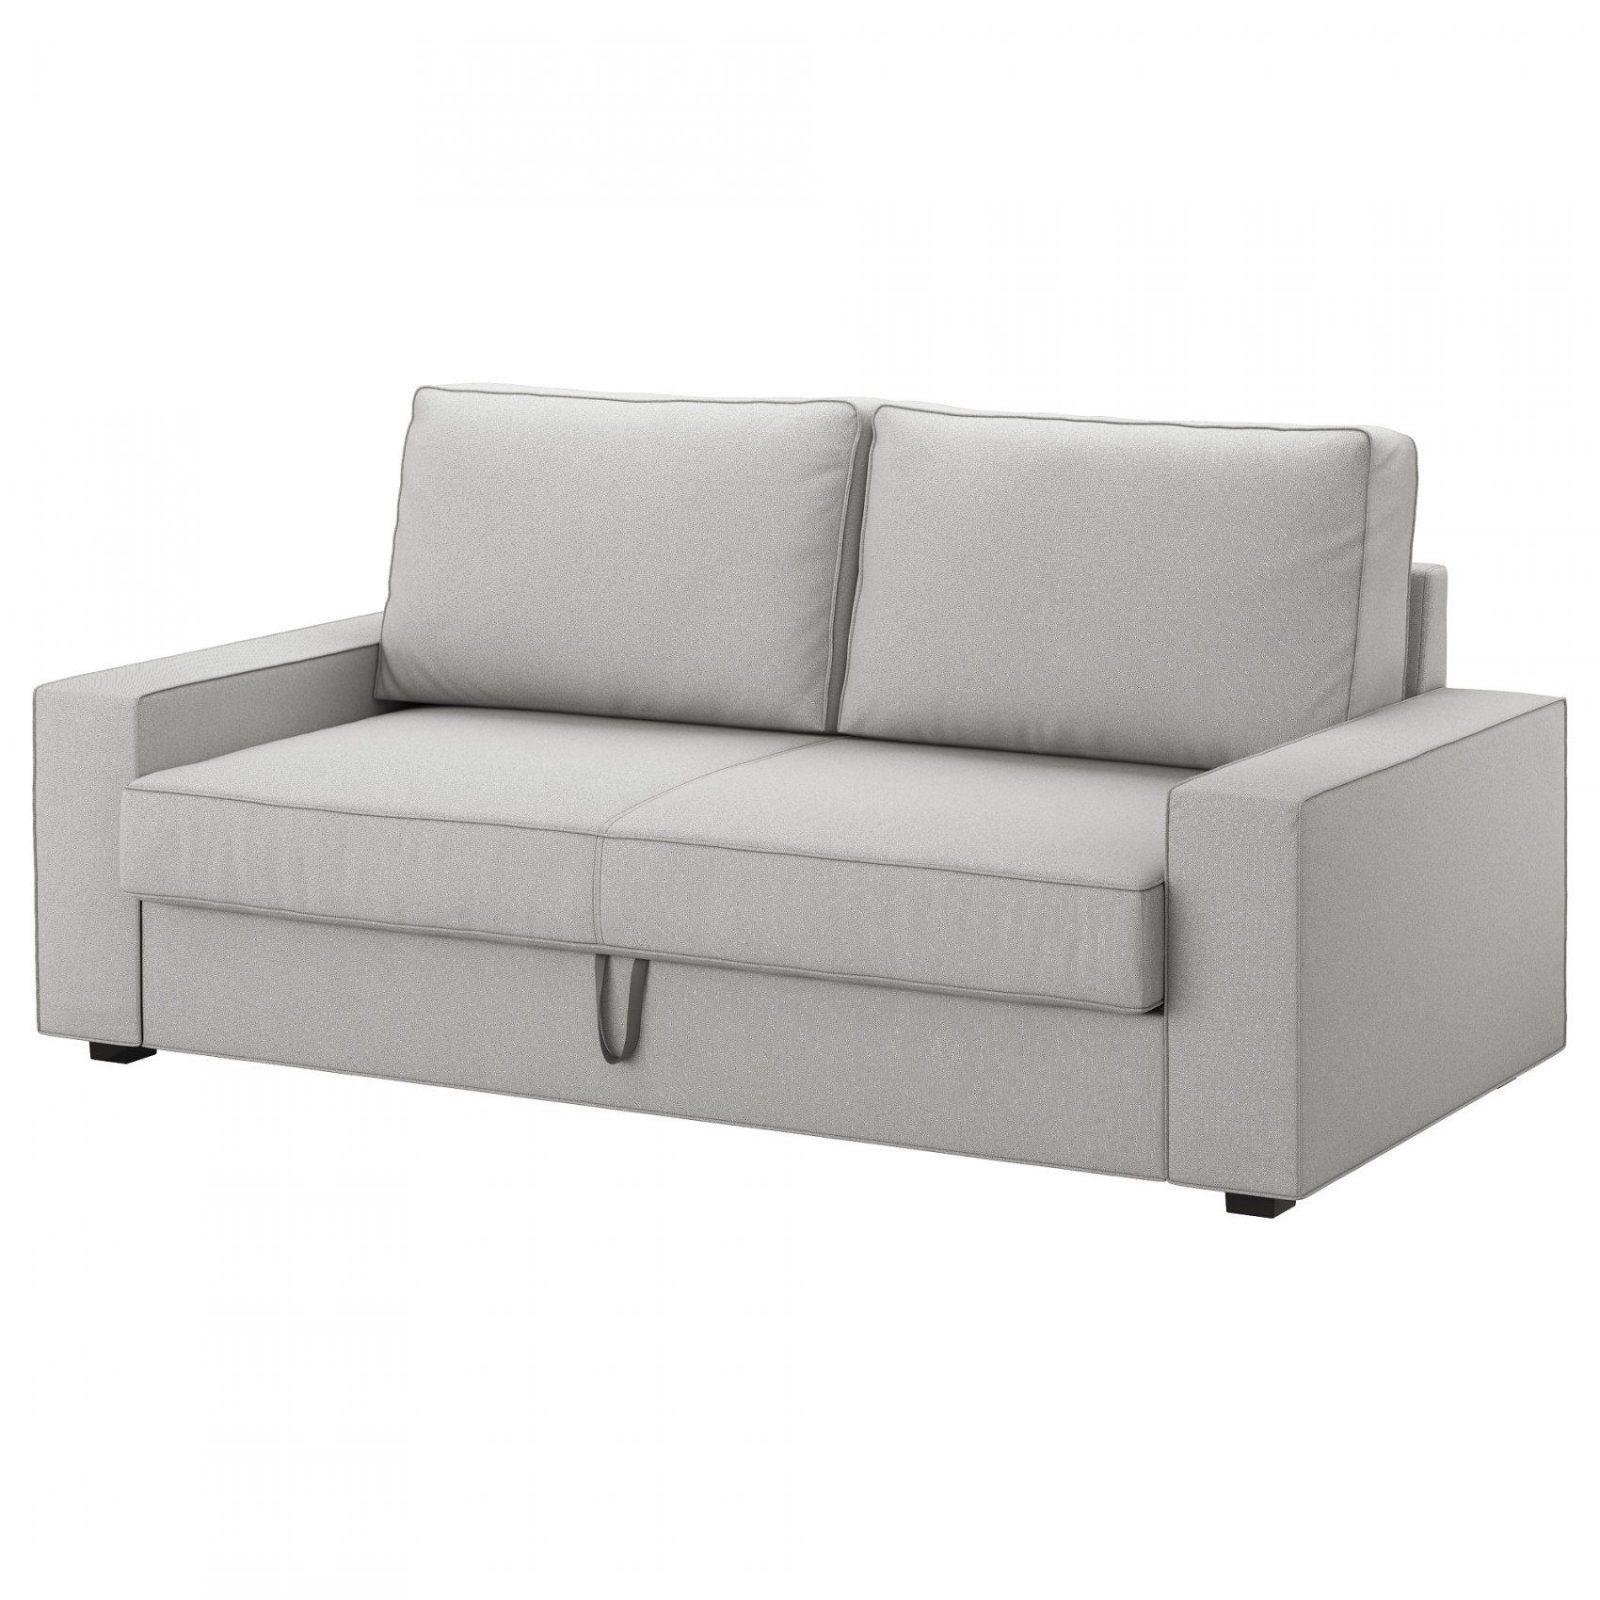 Ikea Schlafsofa Mit Bettkasten – Home Accesories von Ikea Schlafsofas Mit Bettkasten Bild